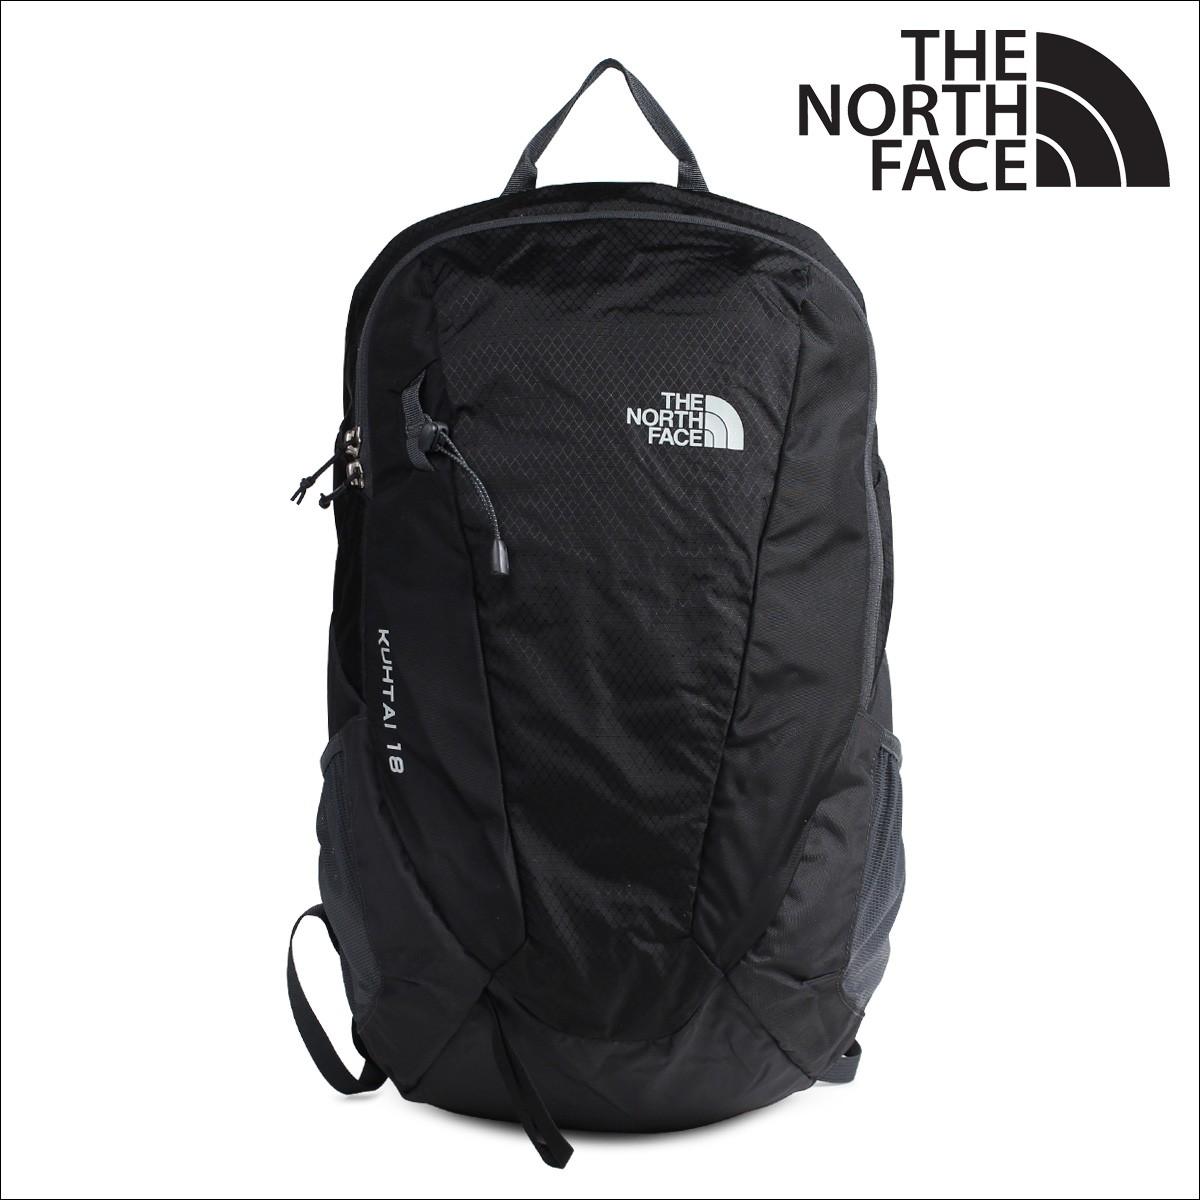 THE NORTH FACE リュック ノースフェイス メンズ レディース バックパック KUHTAI 18 NF0A2ZDK ブラック [176]